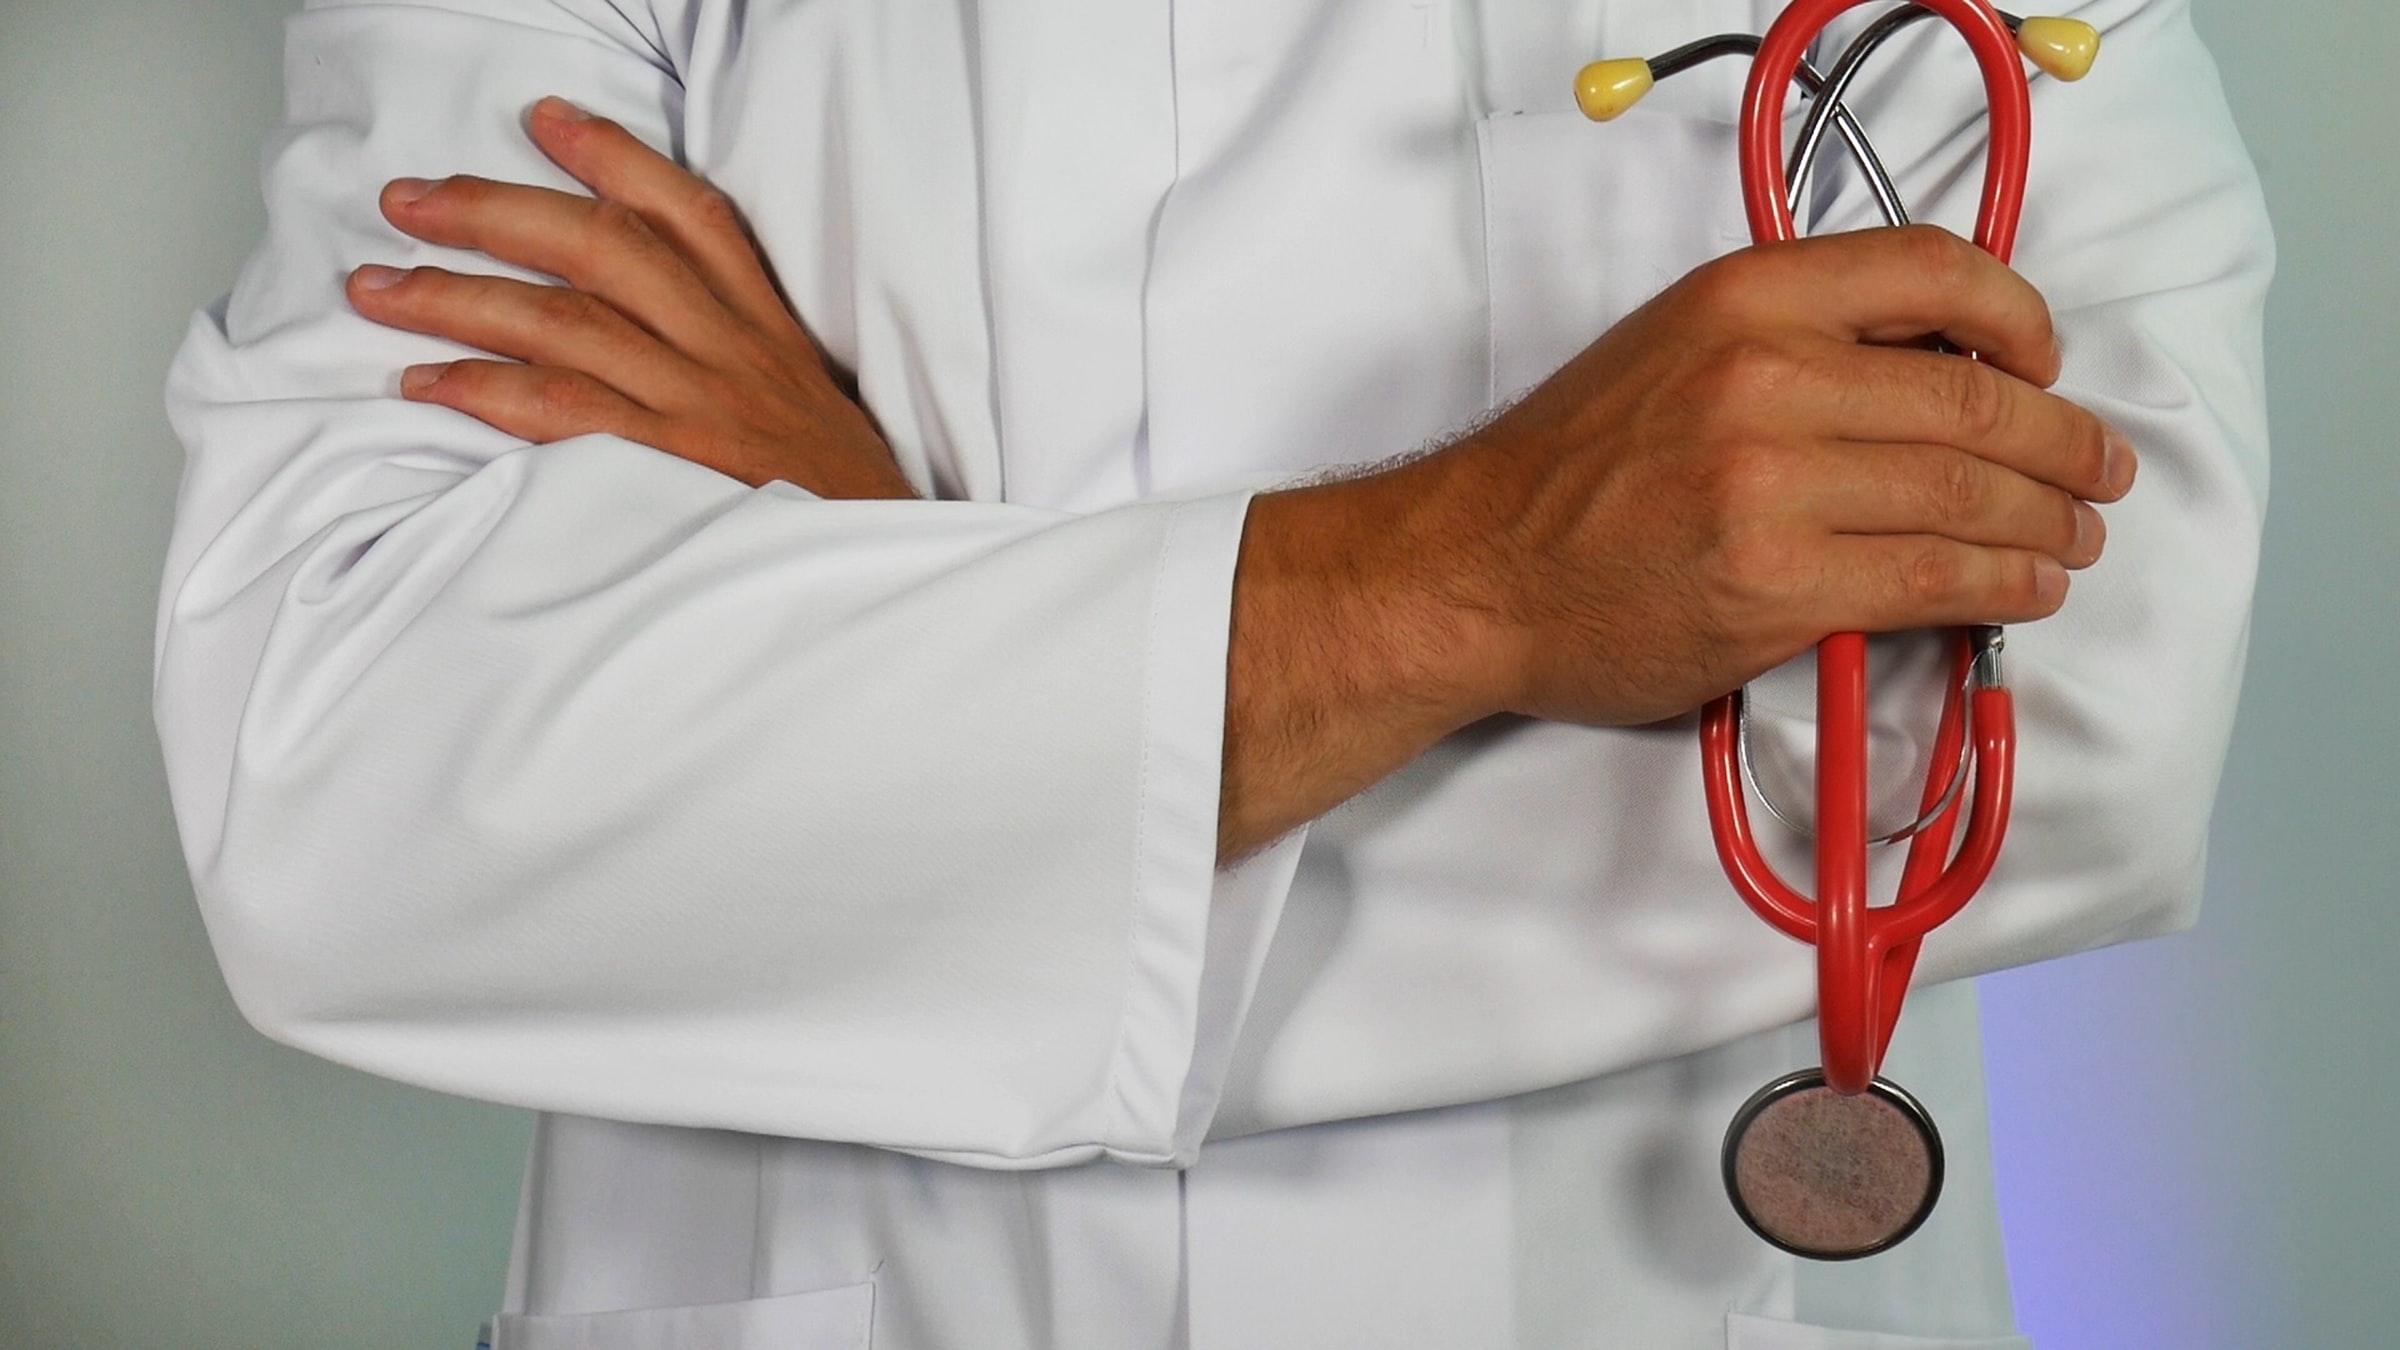 Web AI application facilitating healthcare decision-making